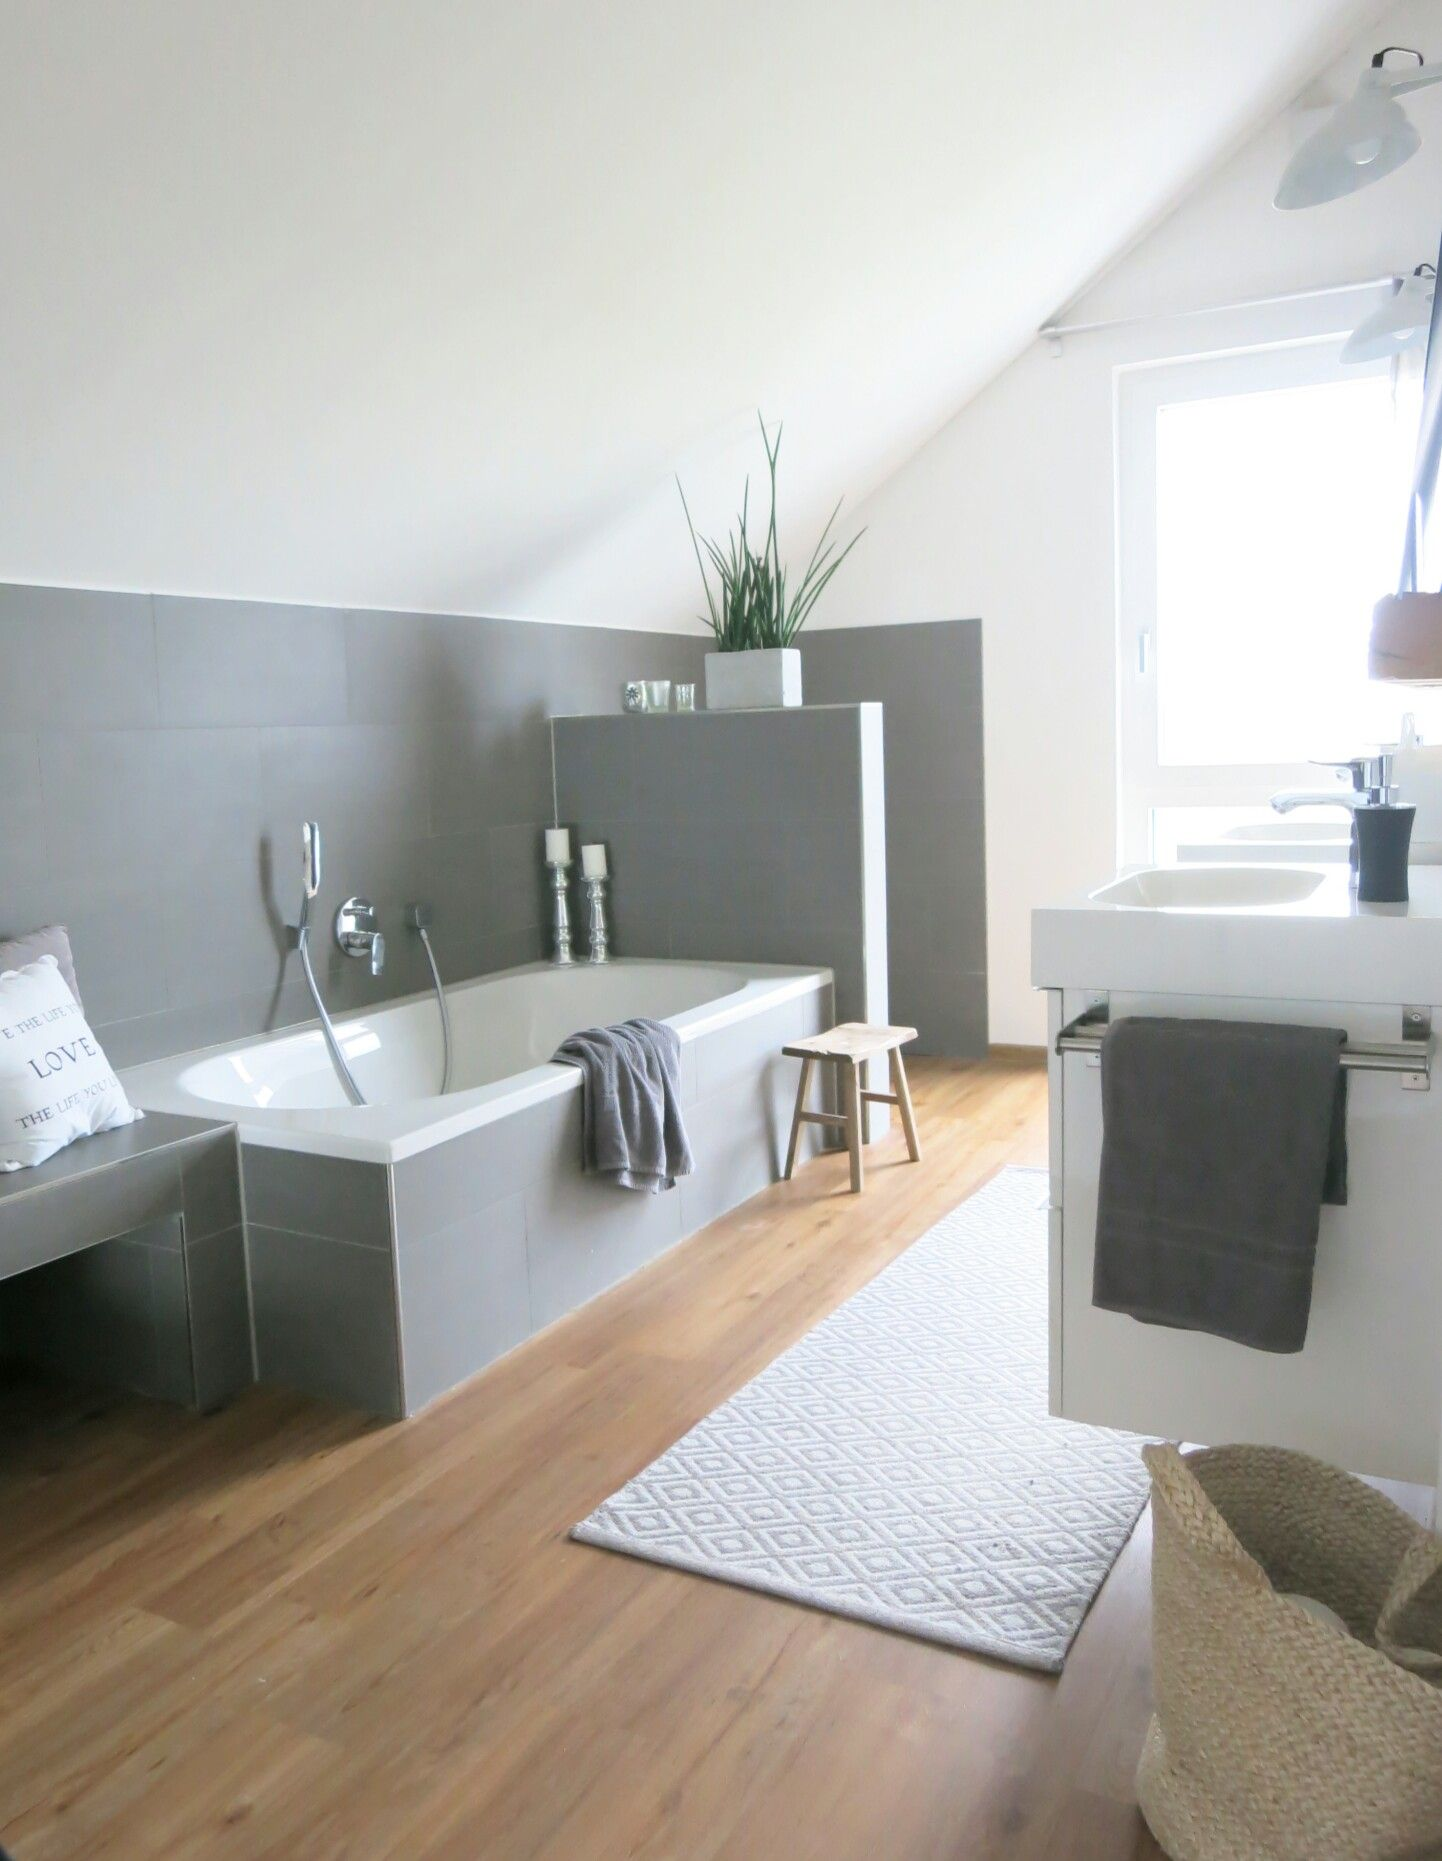 Modernes Badezimmer Mit Holz Und Beton Badezimmer Wohnen Bathroom Badewanne Dusche Waschbecken Mod Badezimmer Holzfliesen Badezimmer Modernes Badezimmer